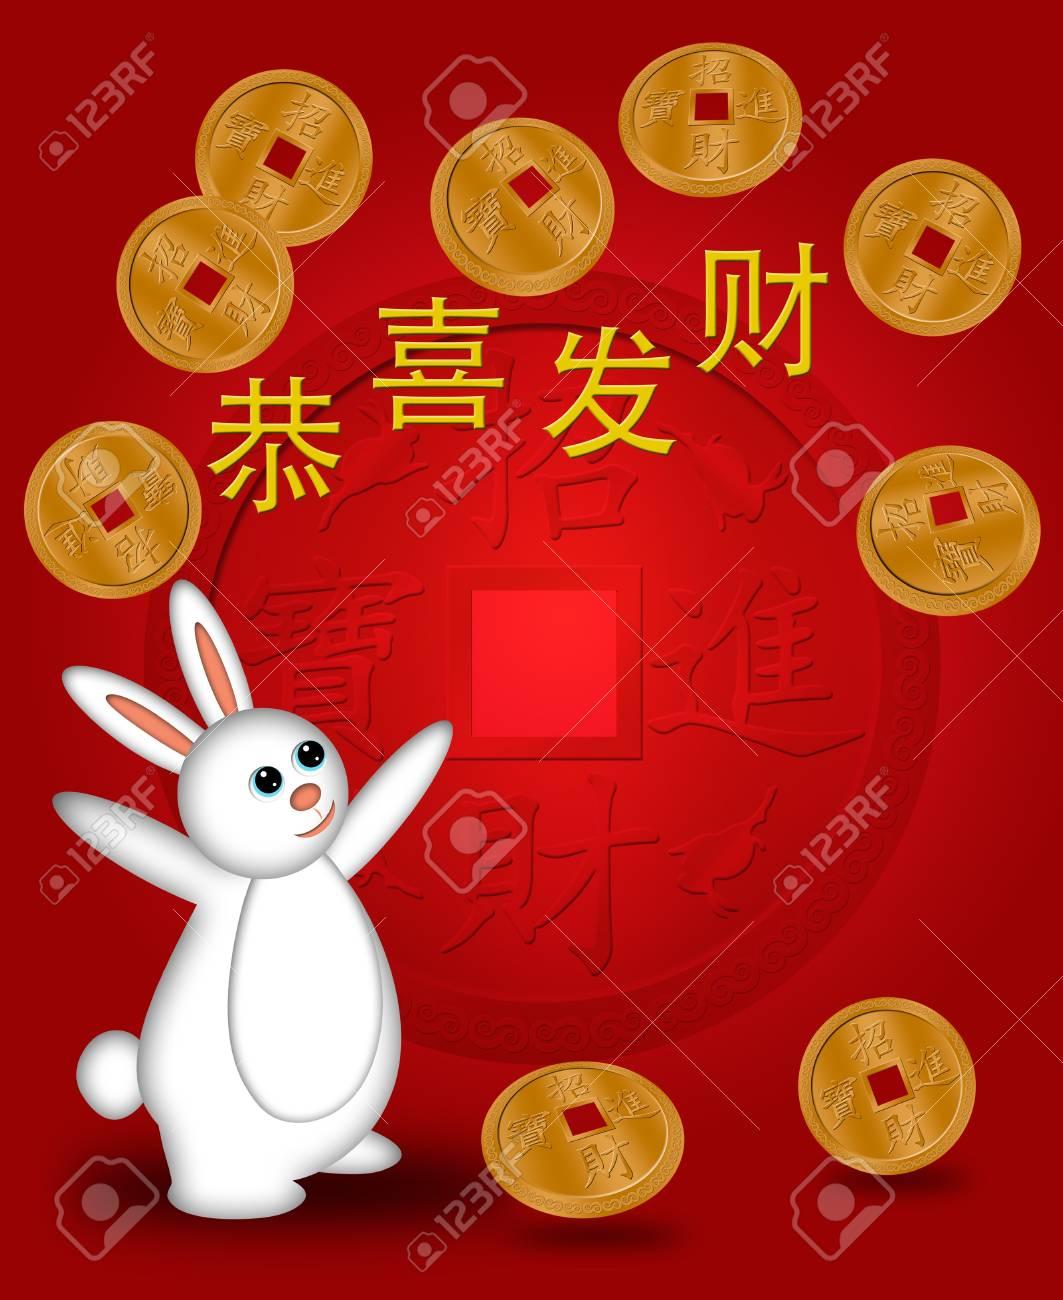 Chinesisches Neujahr 2011 Rabbit Begrüßen Wohlstand Illustration Mit ...